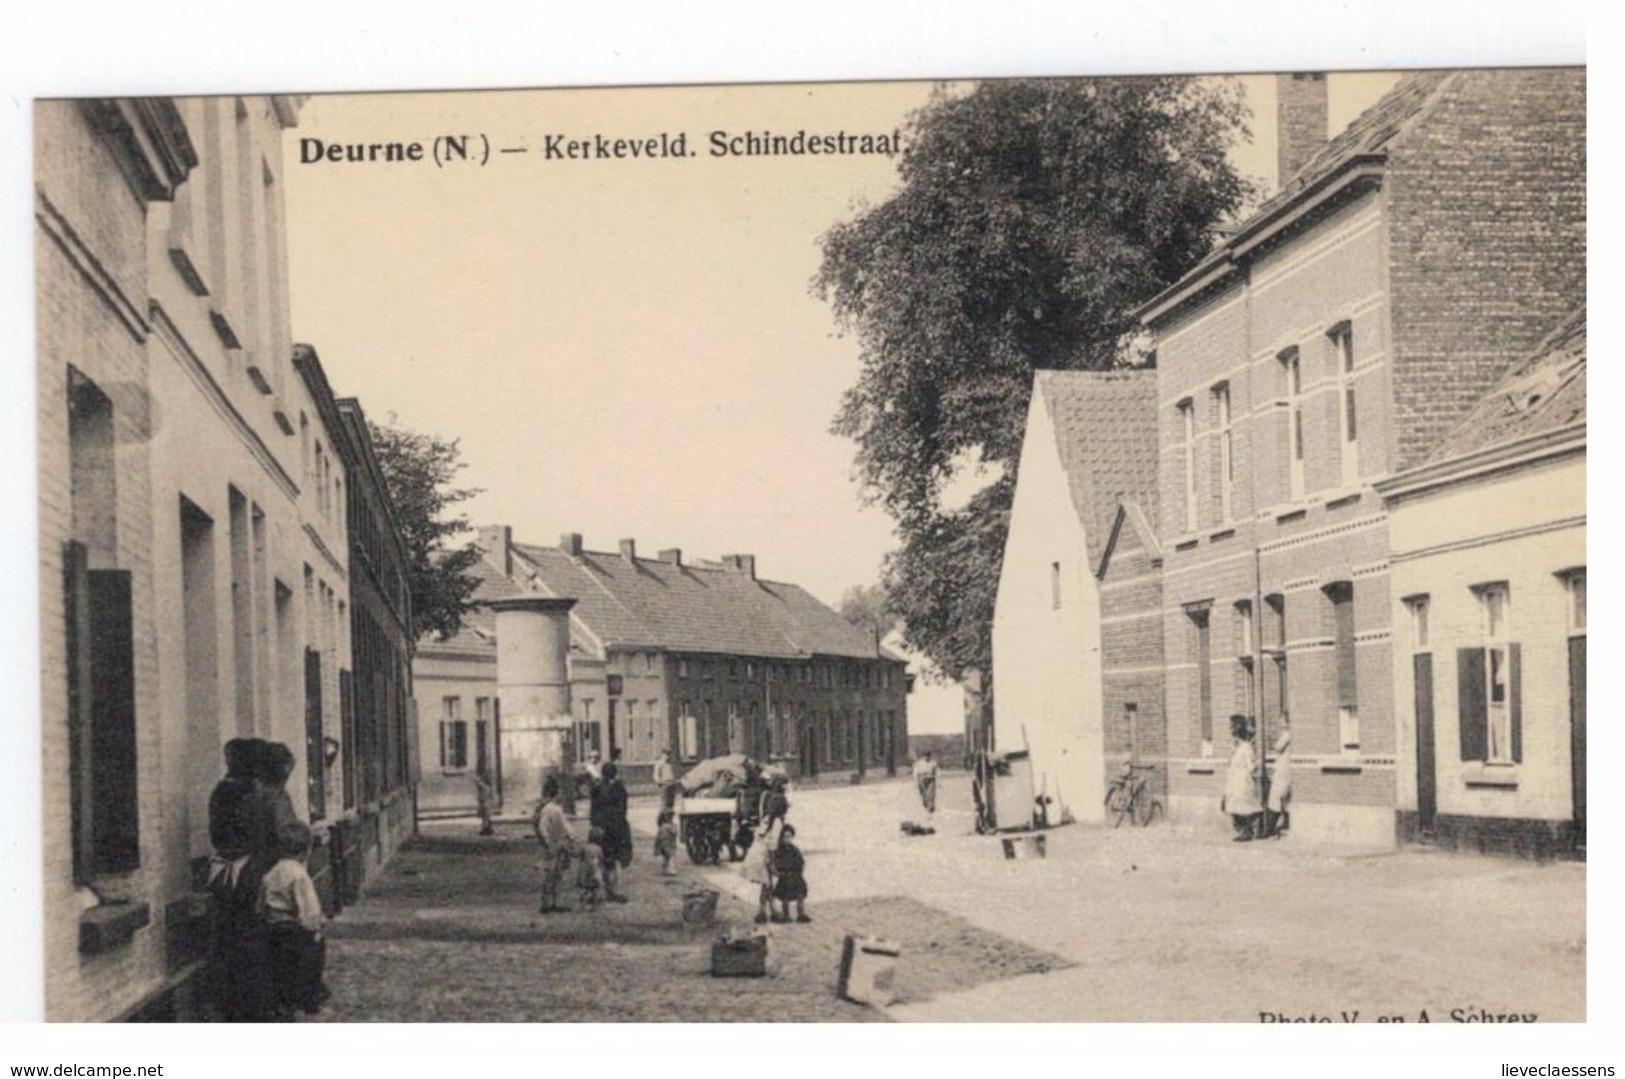 Deurne (N.) - Kerkeveld. Schindestraat - Antwerpen